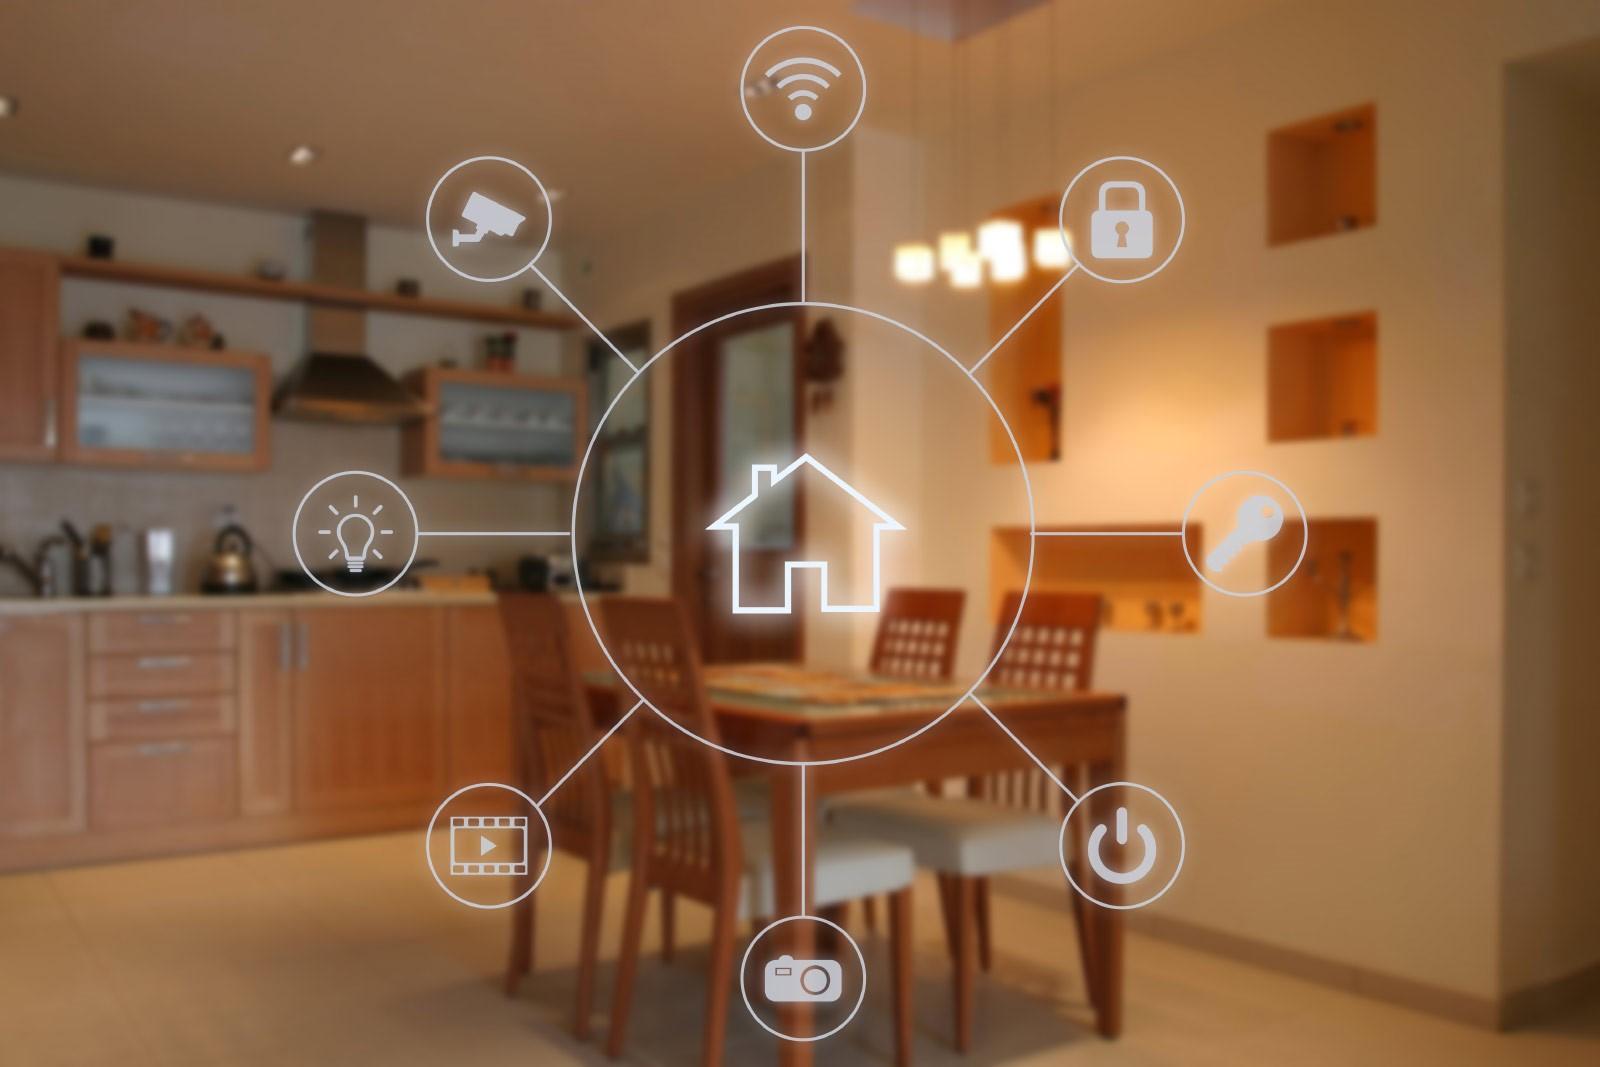 controle système domotique maison